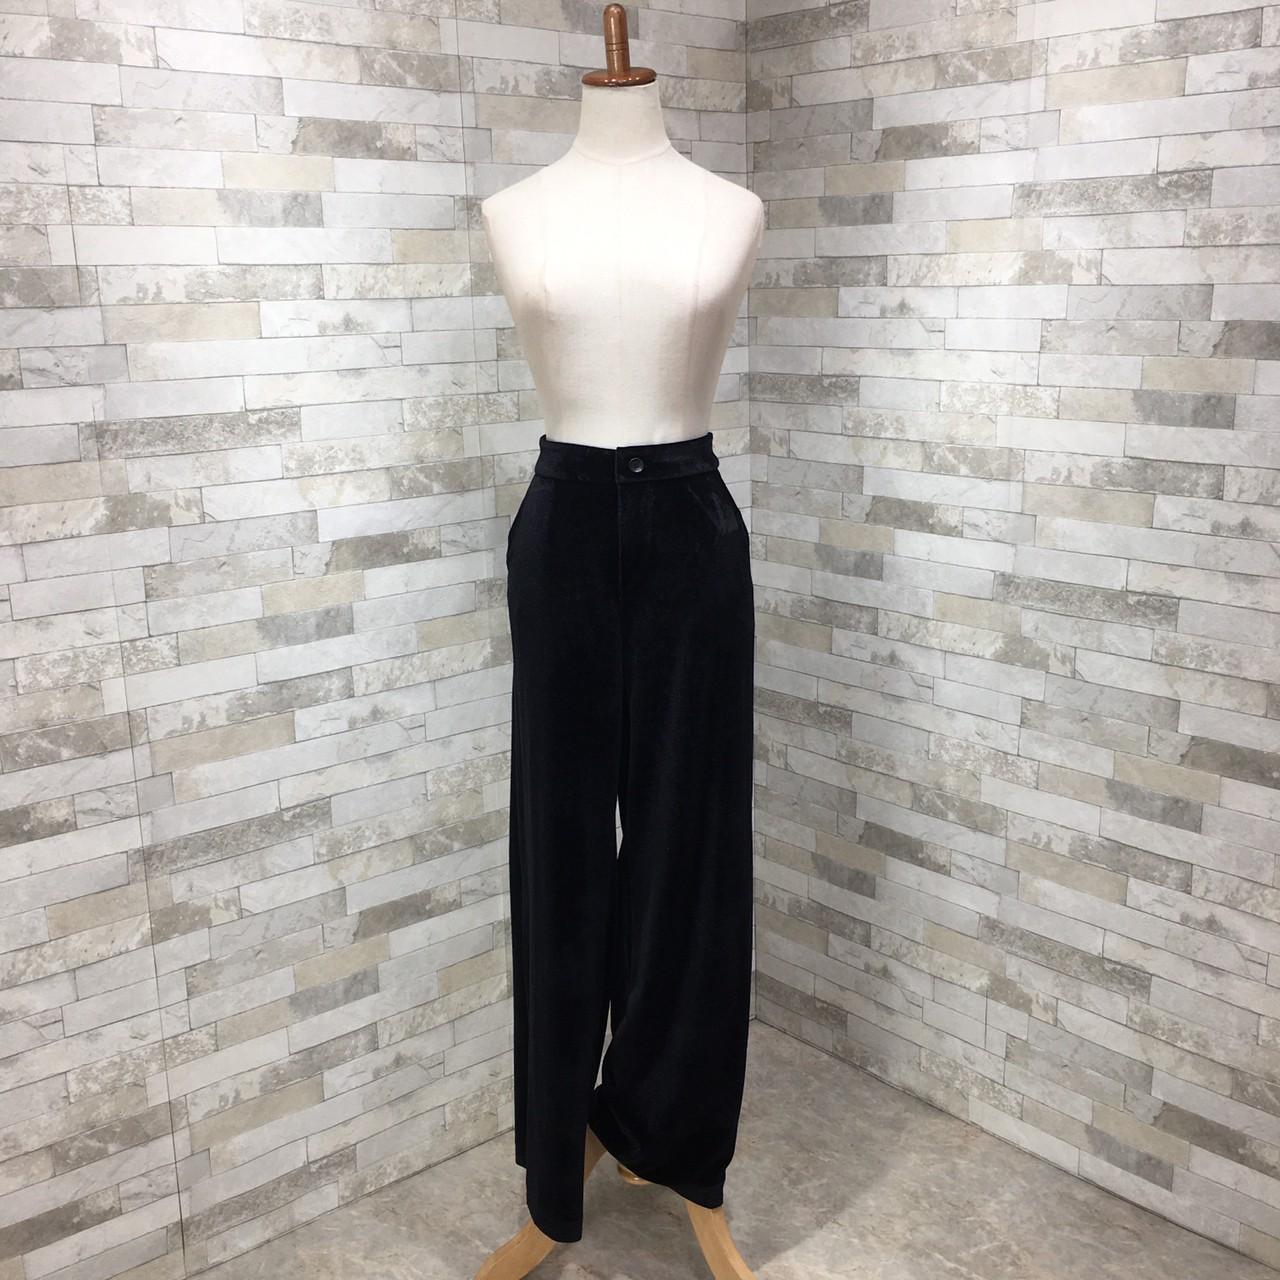 【即納】韓国 ファッション パンツ セットアップ パーティードレス 結婚式 お呼ばれドレス 秋 冬 パーティー ブライダル SPTXH554  起毛 ドレープ テーラードジャ 二次会 セレブ きれいめの写真14枚目